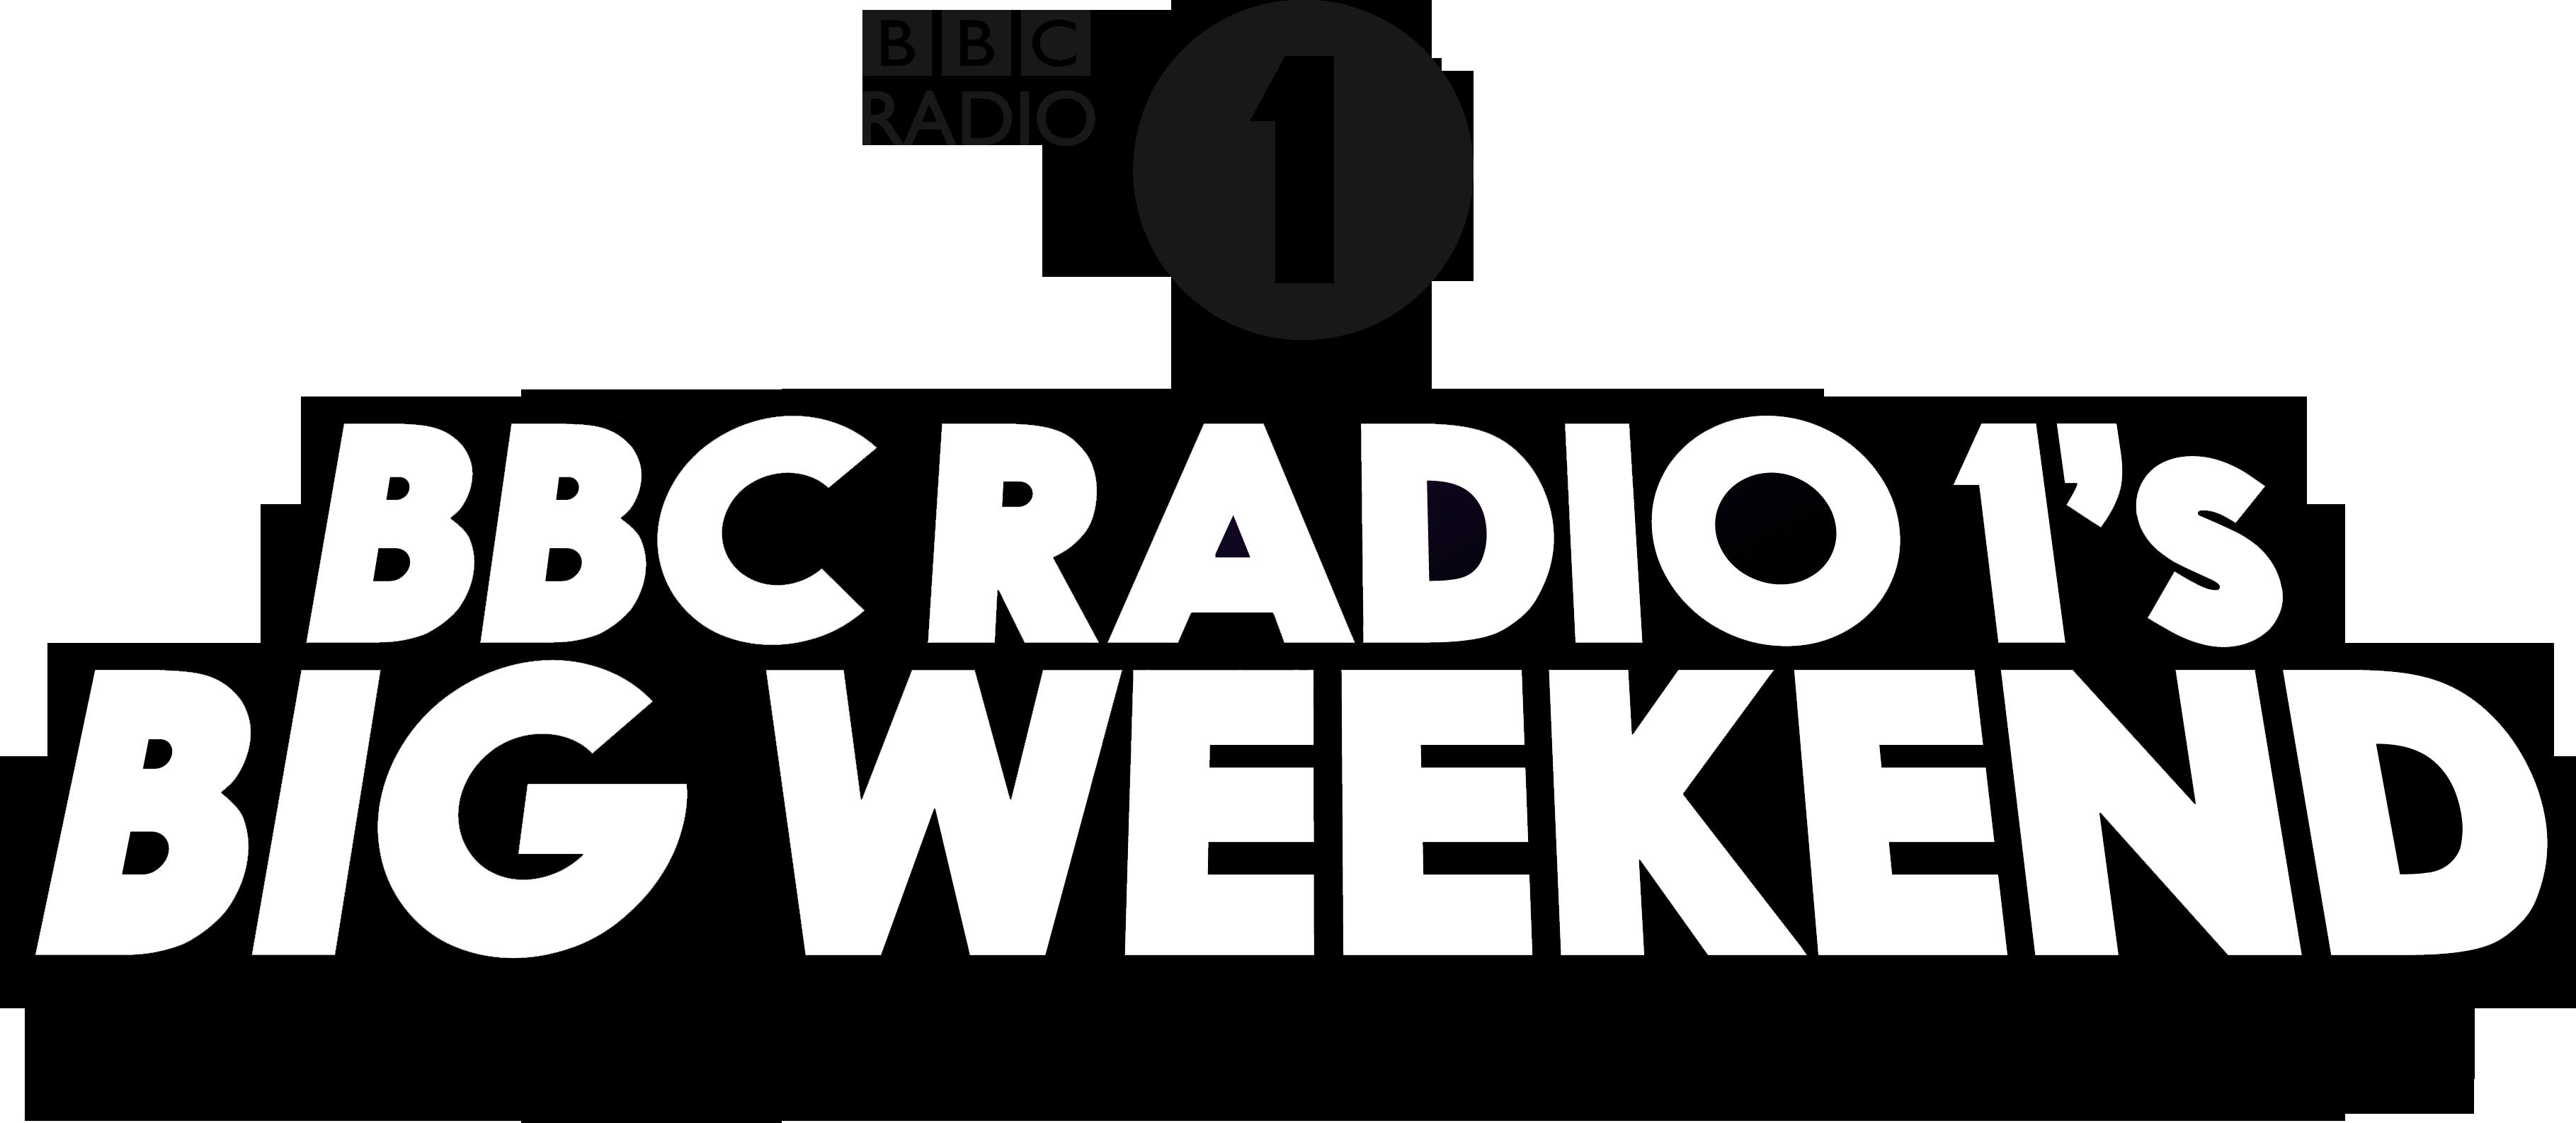 BBC-Radio-1s-Big-Weekend-logo